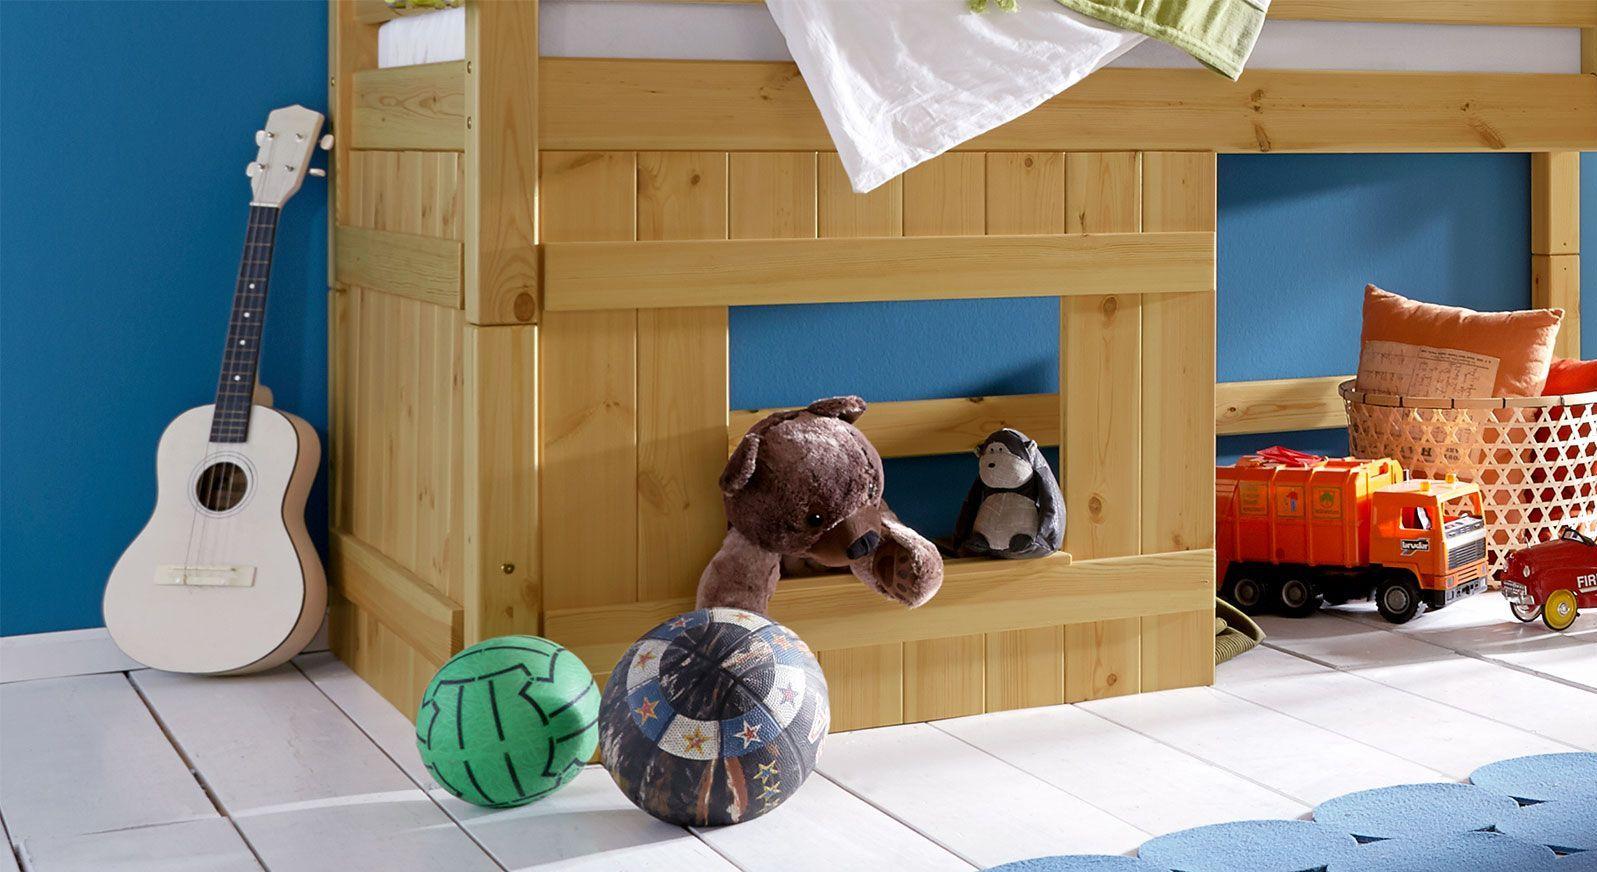 Hütten-Hochbett Kids Paradise für Jungen inklusive Holzverkleidung